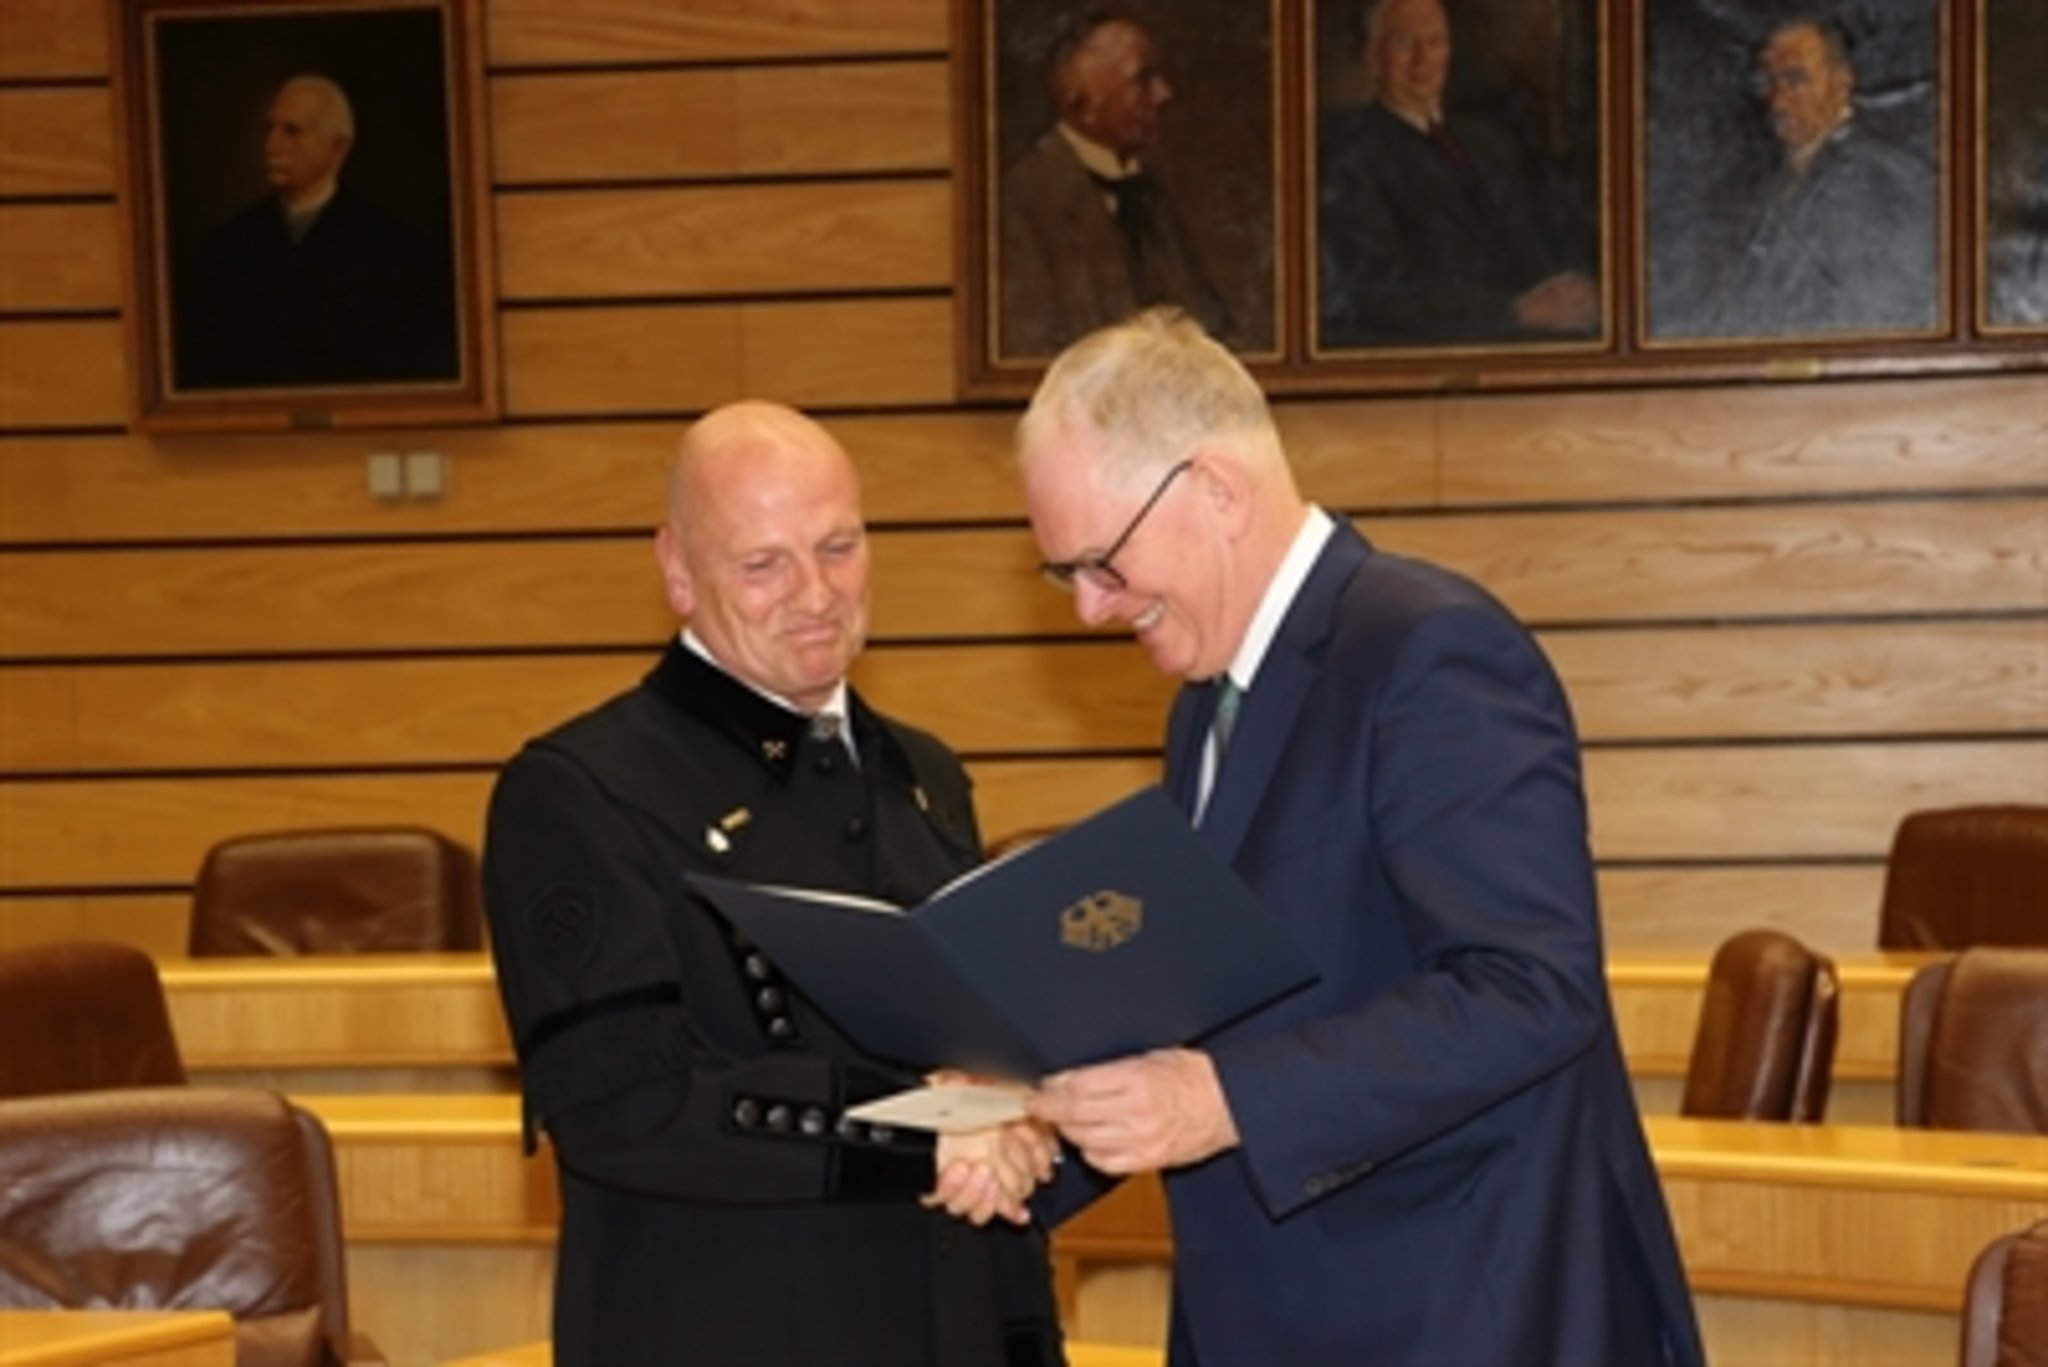 Der letzte Betriebsratsvorsitzende auf dem Bergwerk Auguste Victoria in Marl Norbert Maus bekam das Bundesverdienstkreuz - Marl - Lokalkompass.de